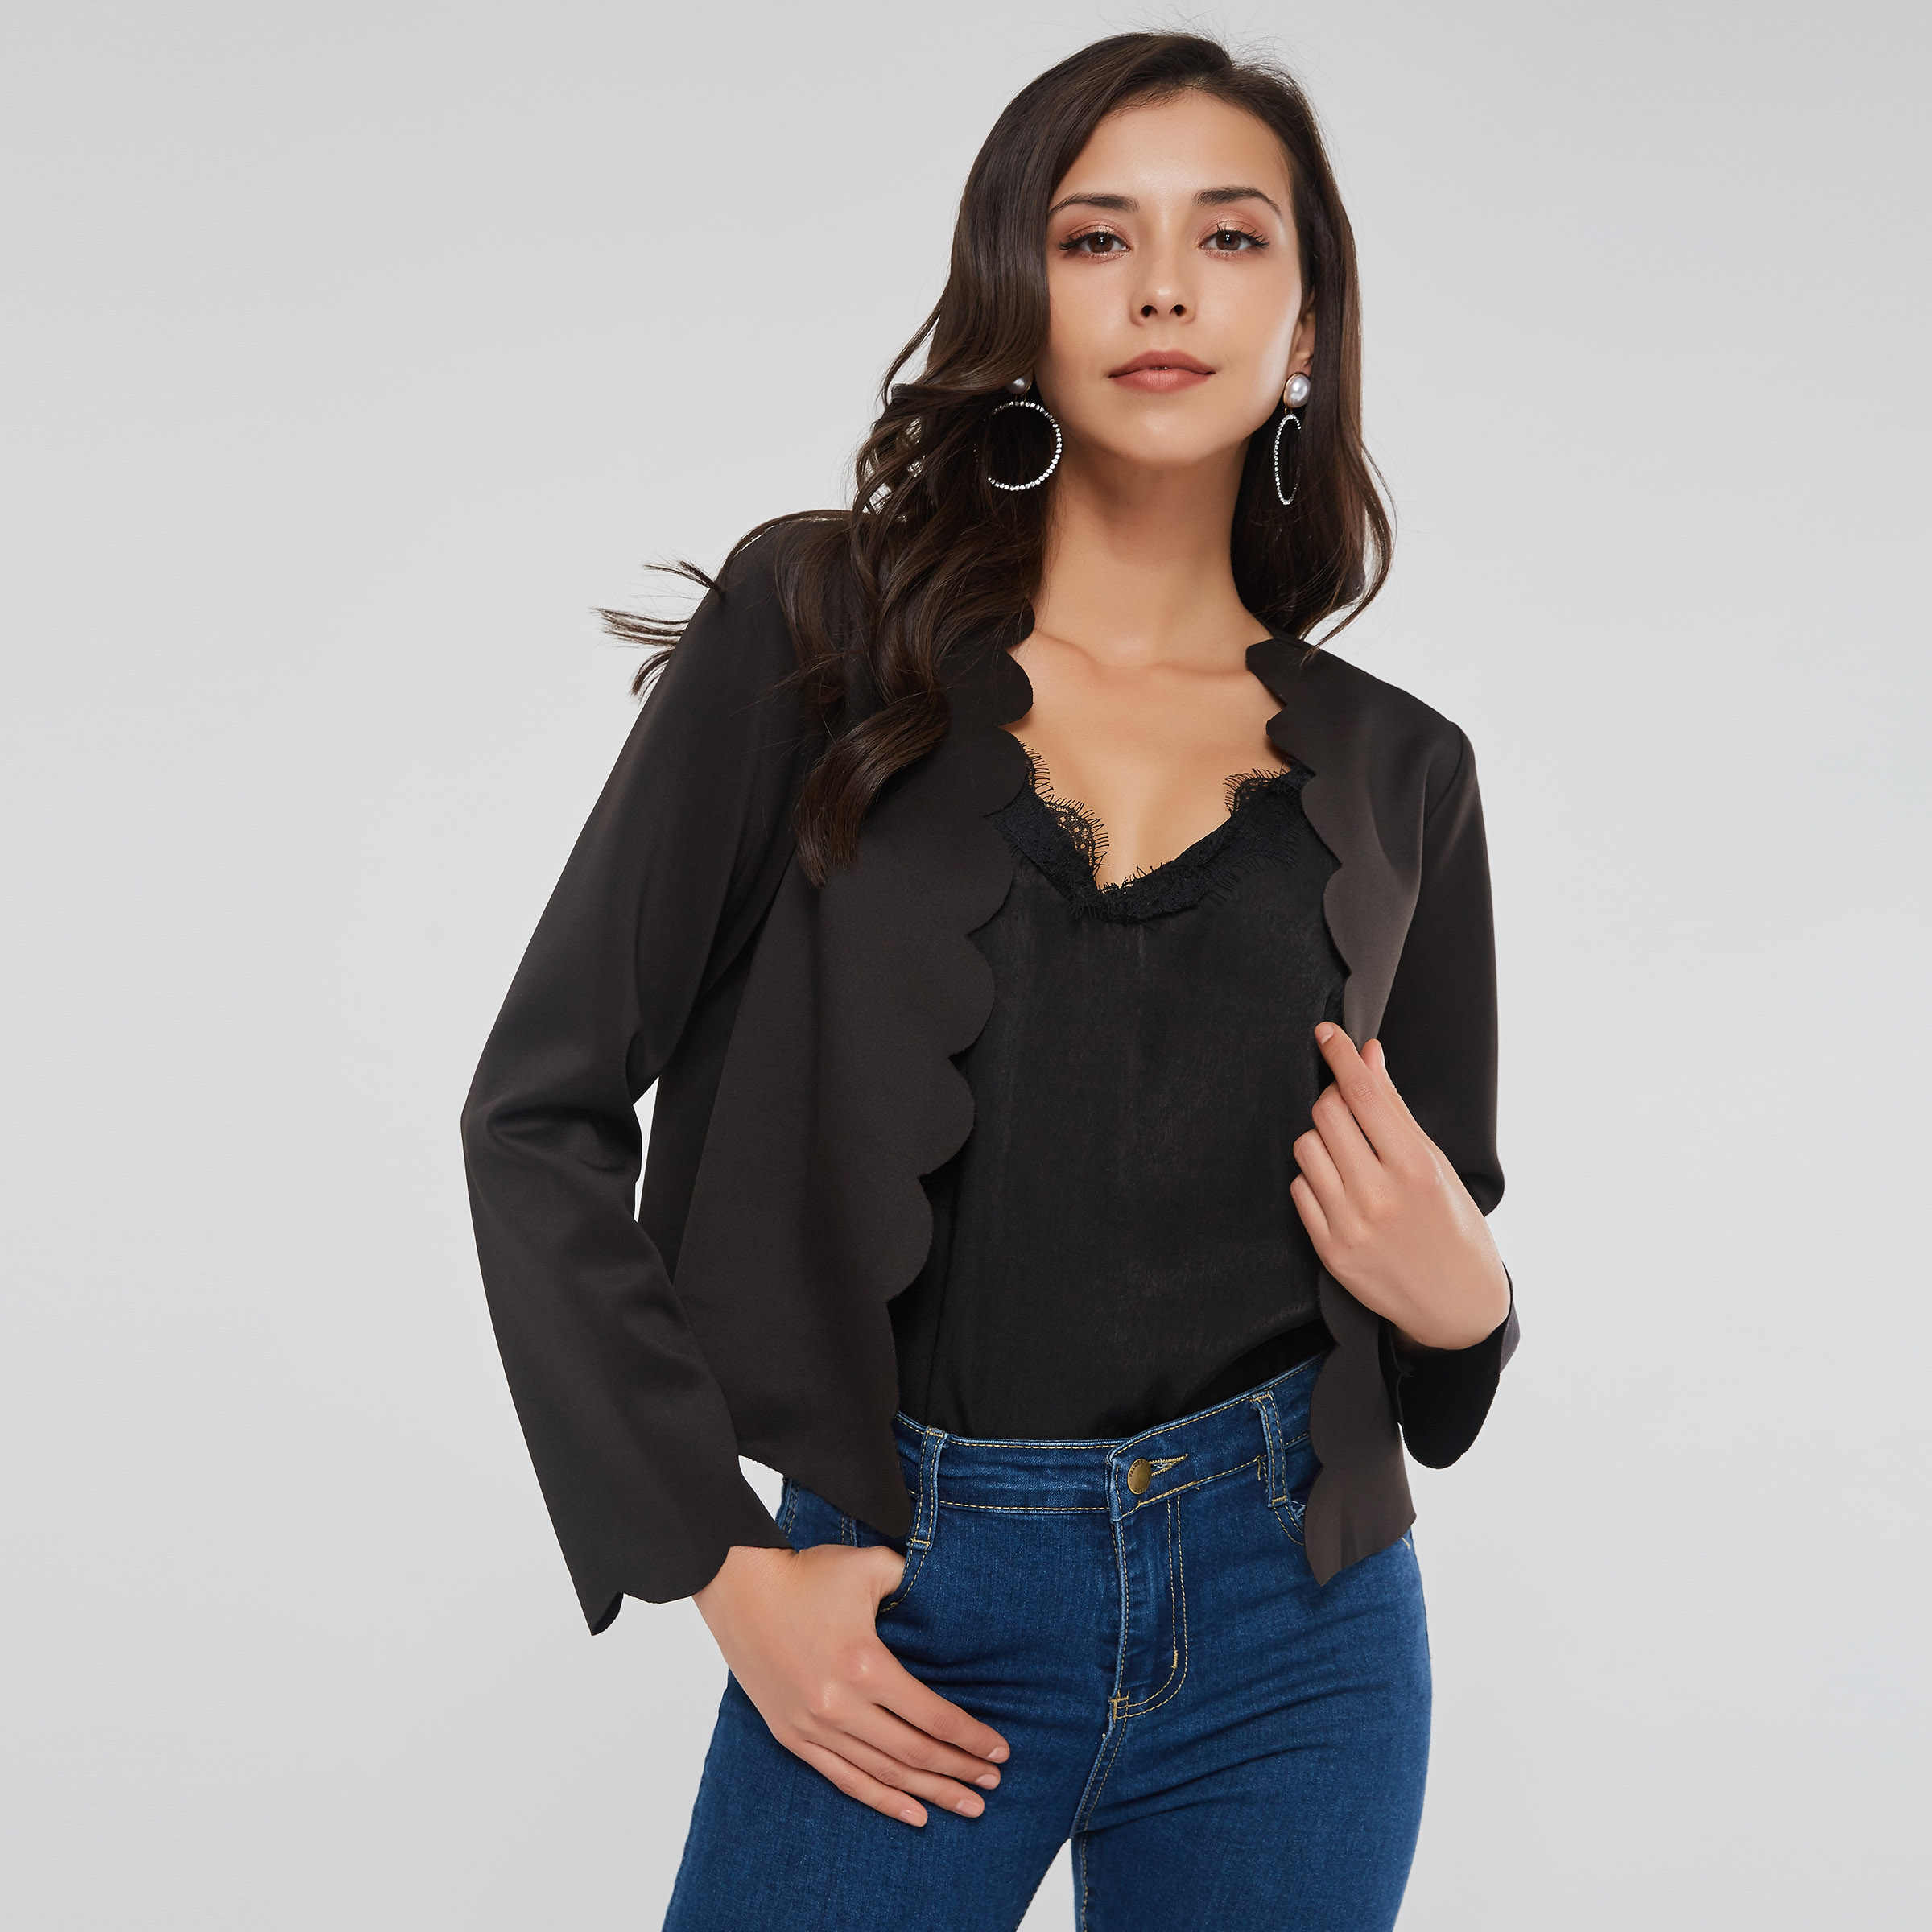 เสื้อผู้หญิง Cardigan ยืดหยุ่น Solid Elegant Simple Black Streetwear ฤดูใบไม้ร่วง Goth Casual Outerwear Stylish เซ็กซี่ Crop TOP BASE Coat